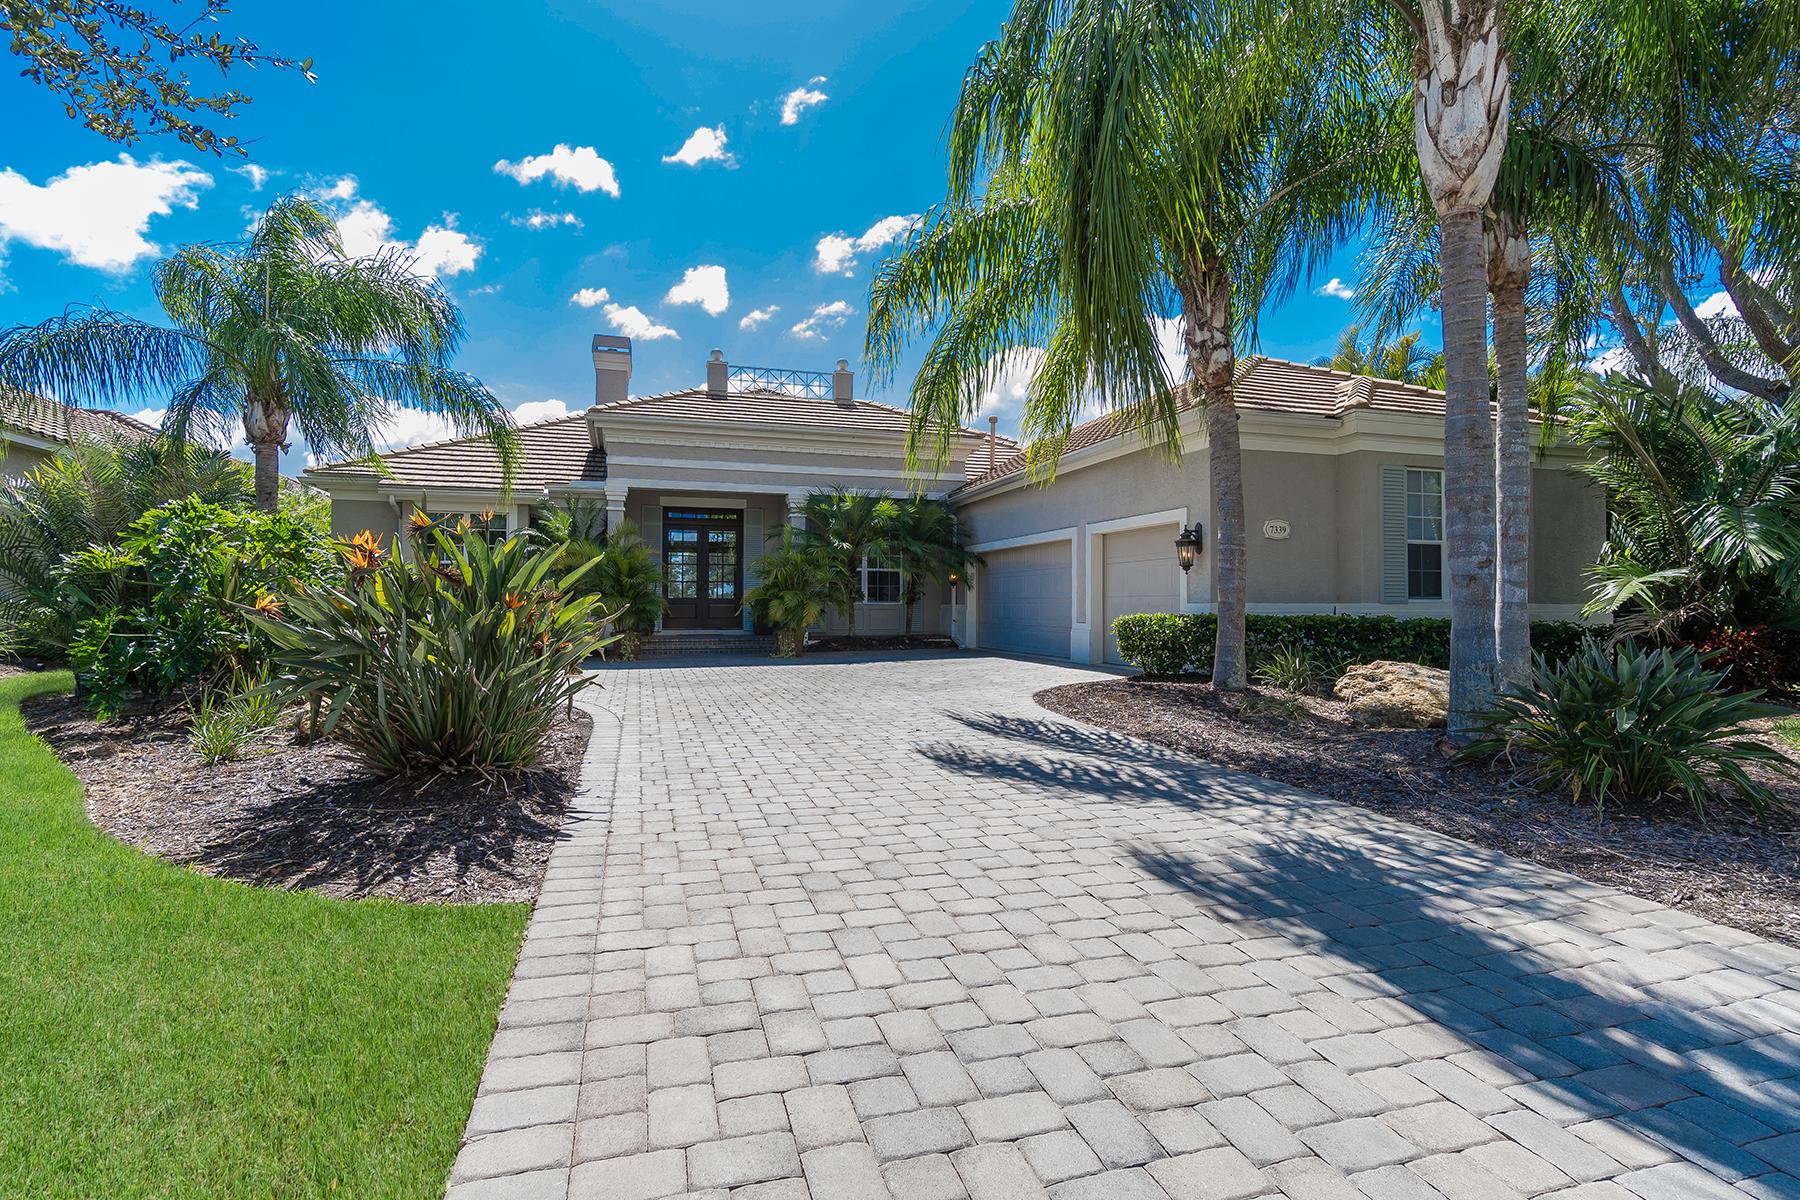 独户住宅 为 销售 在 LAKEWOOD RANCH COUNTRY CLUB 7339 Greystone St 莱克伍德牧场, 佛罗里达州, 34202 美国